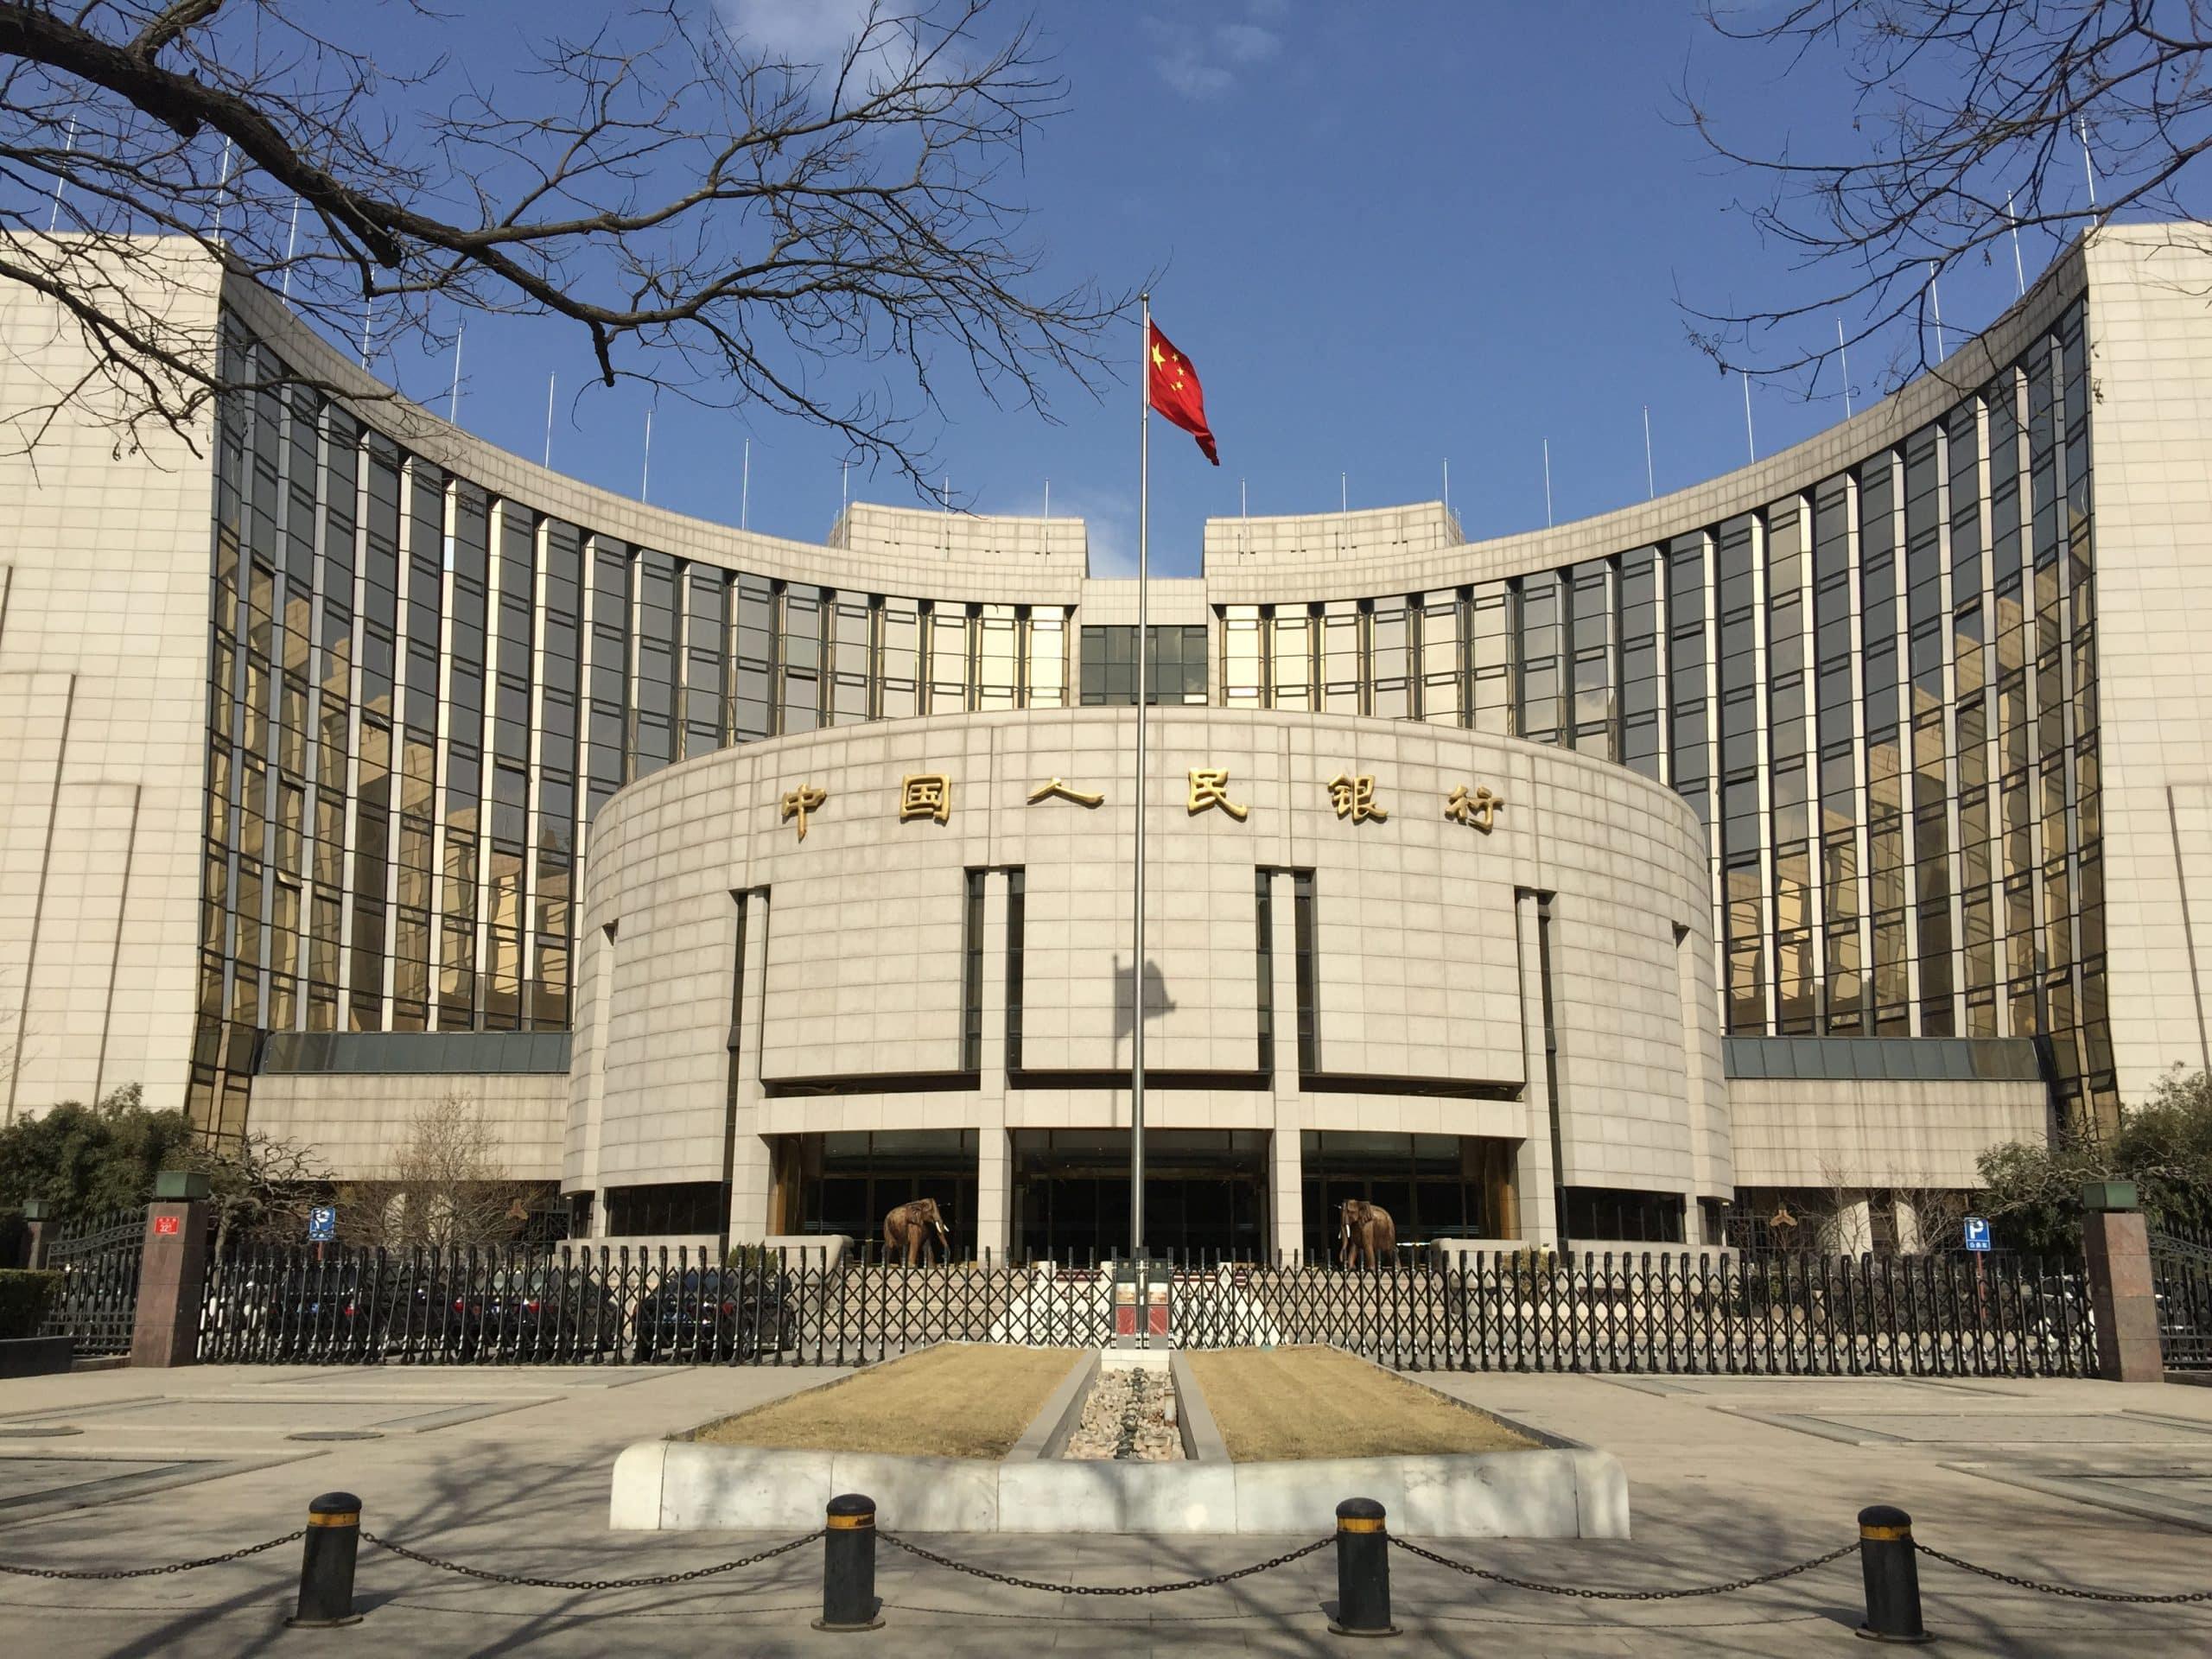 La banque centrale chinoise déclare illégales toutes les activités liées aux cryptomonnaies